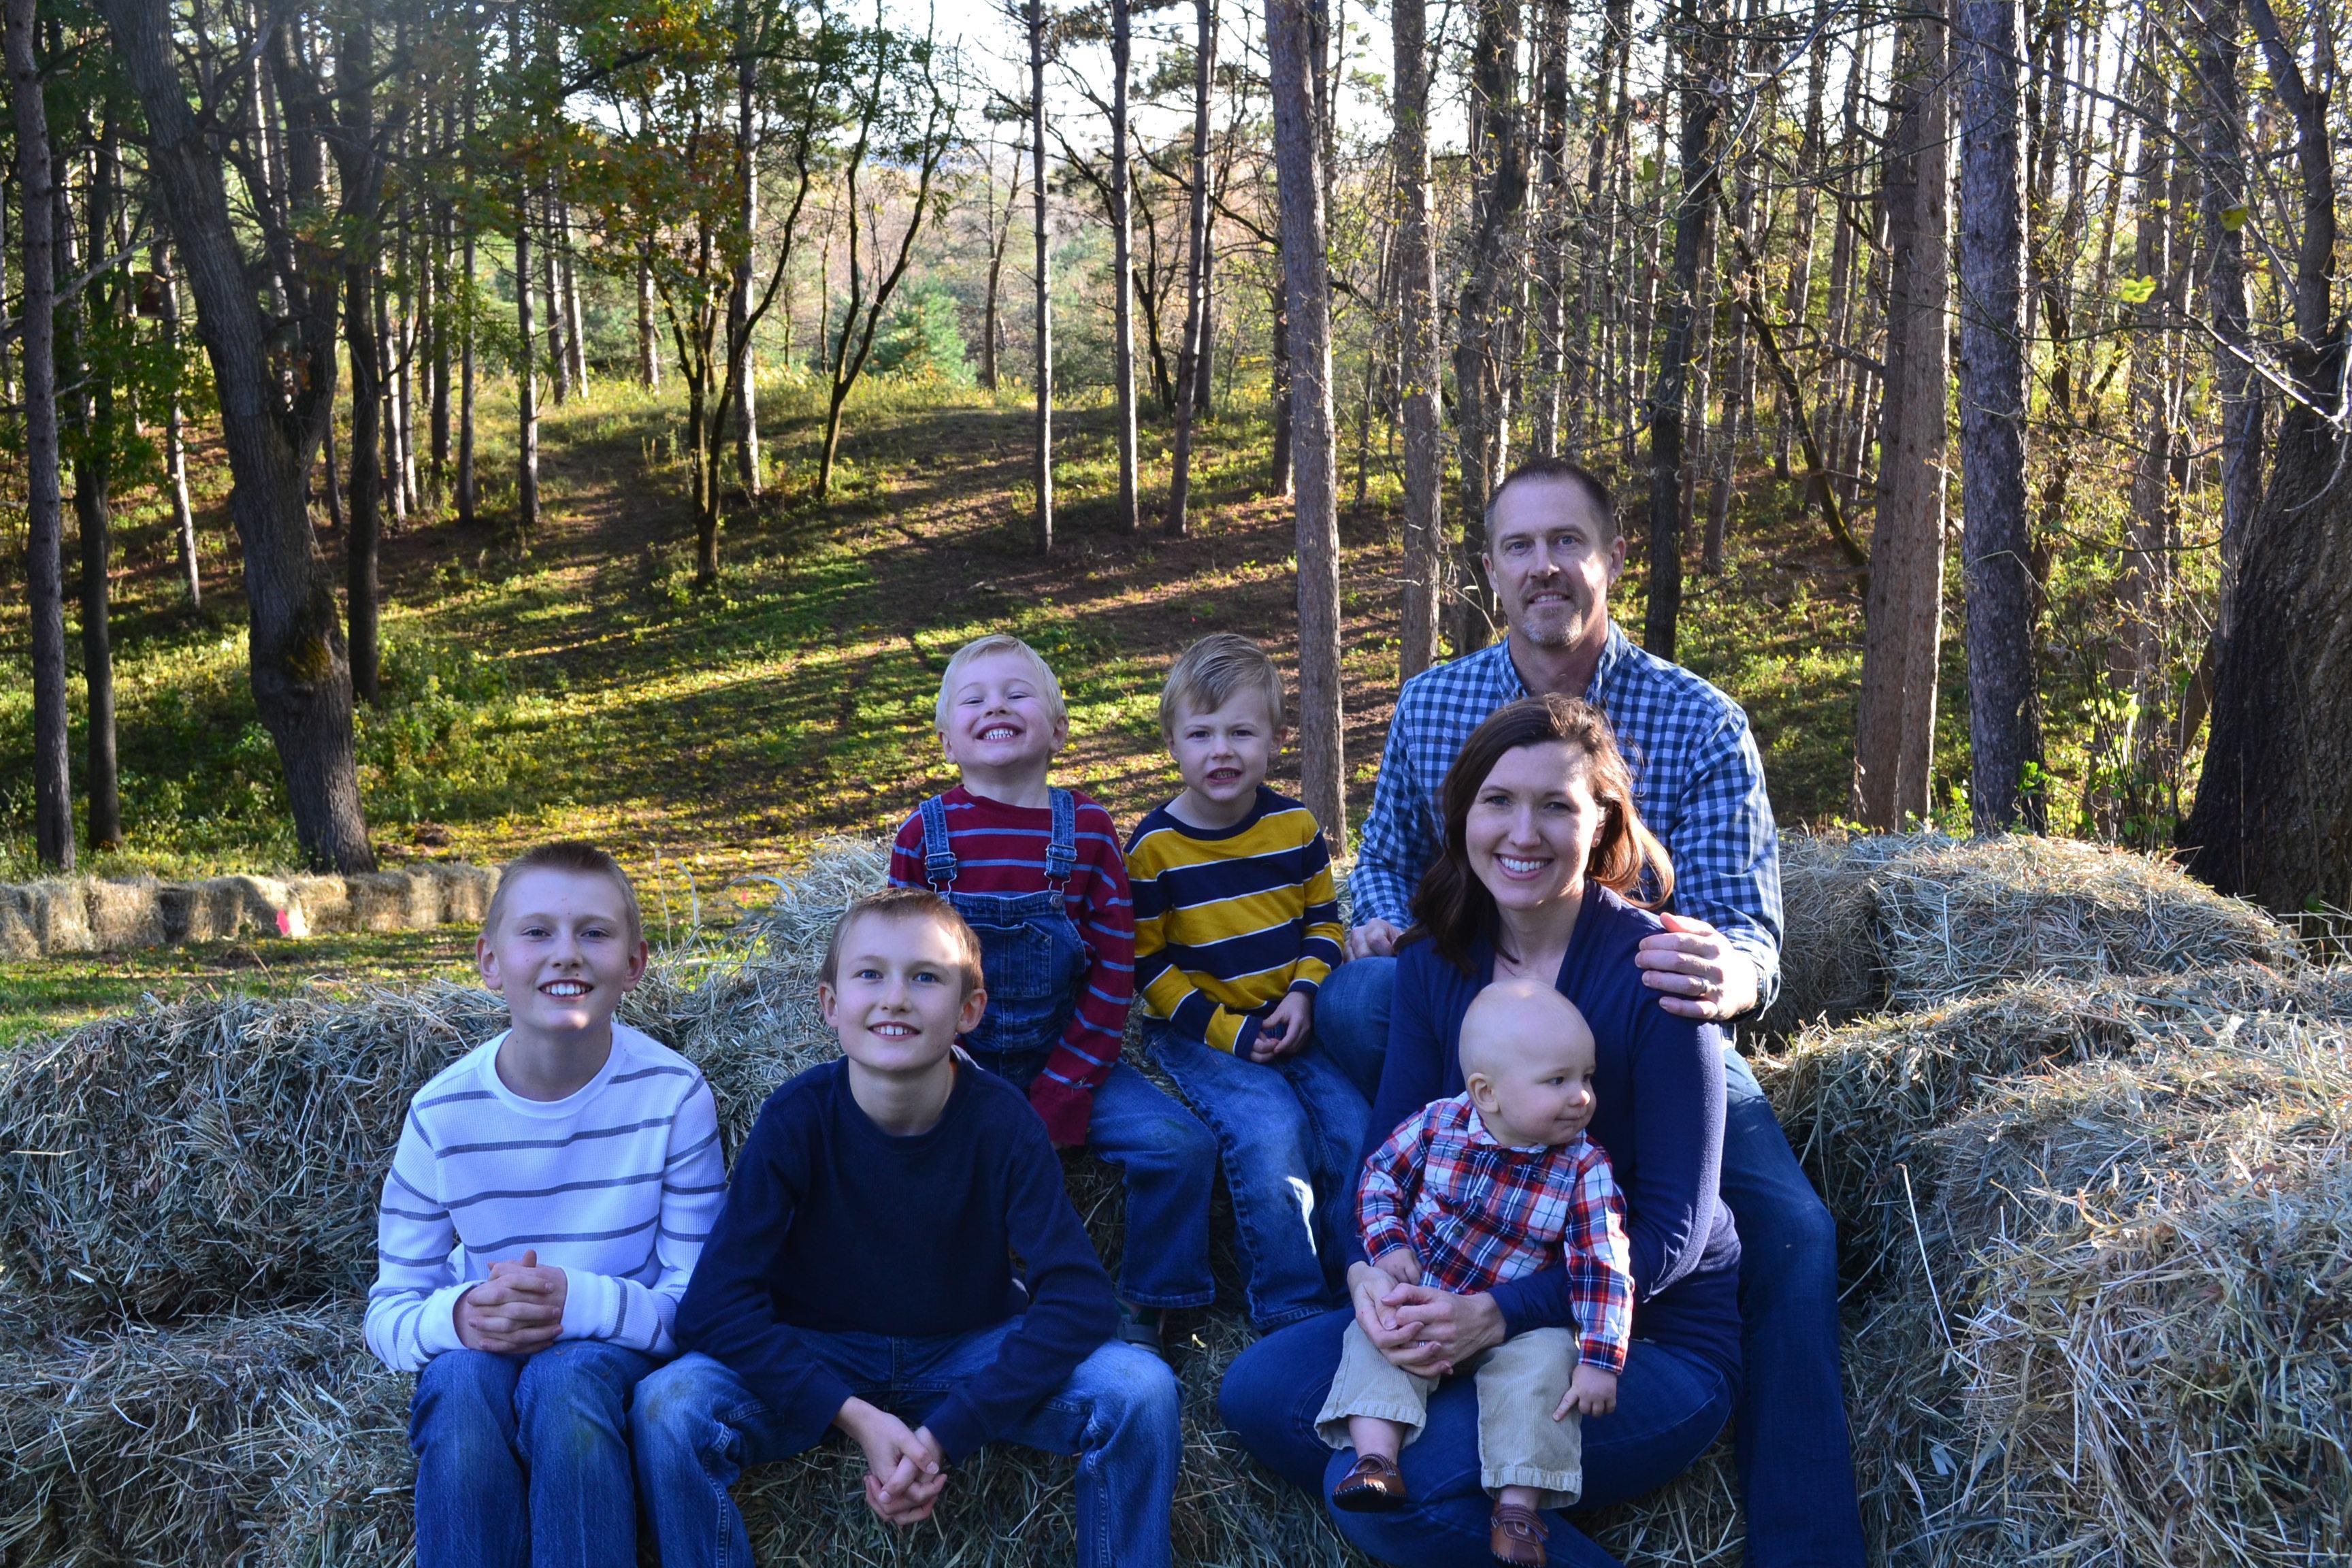 Muehleck Family Image